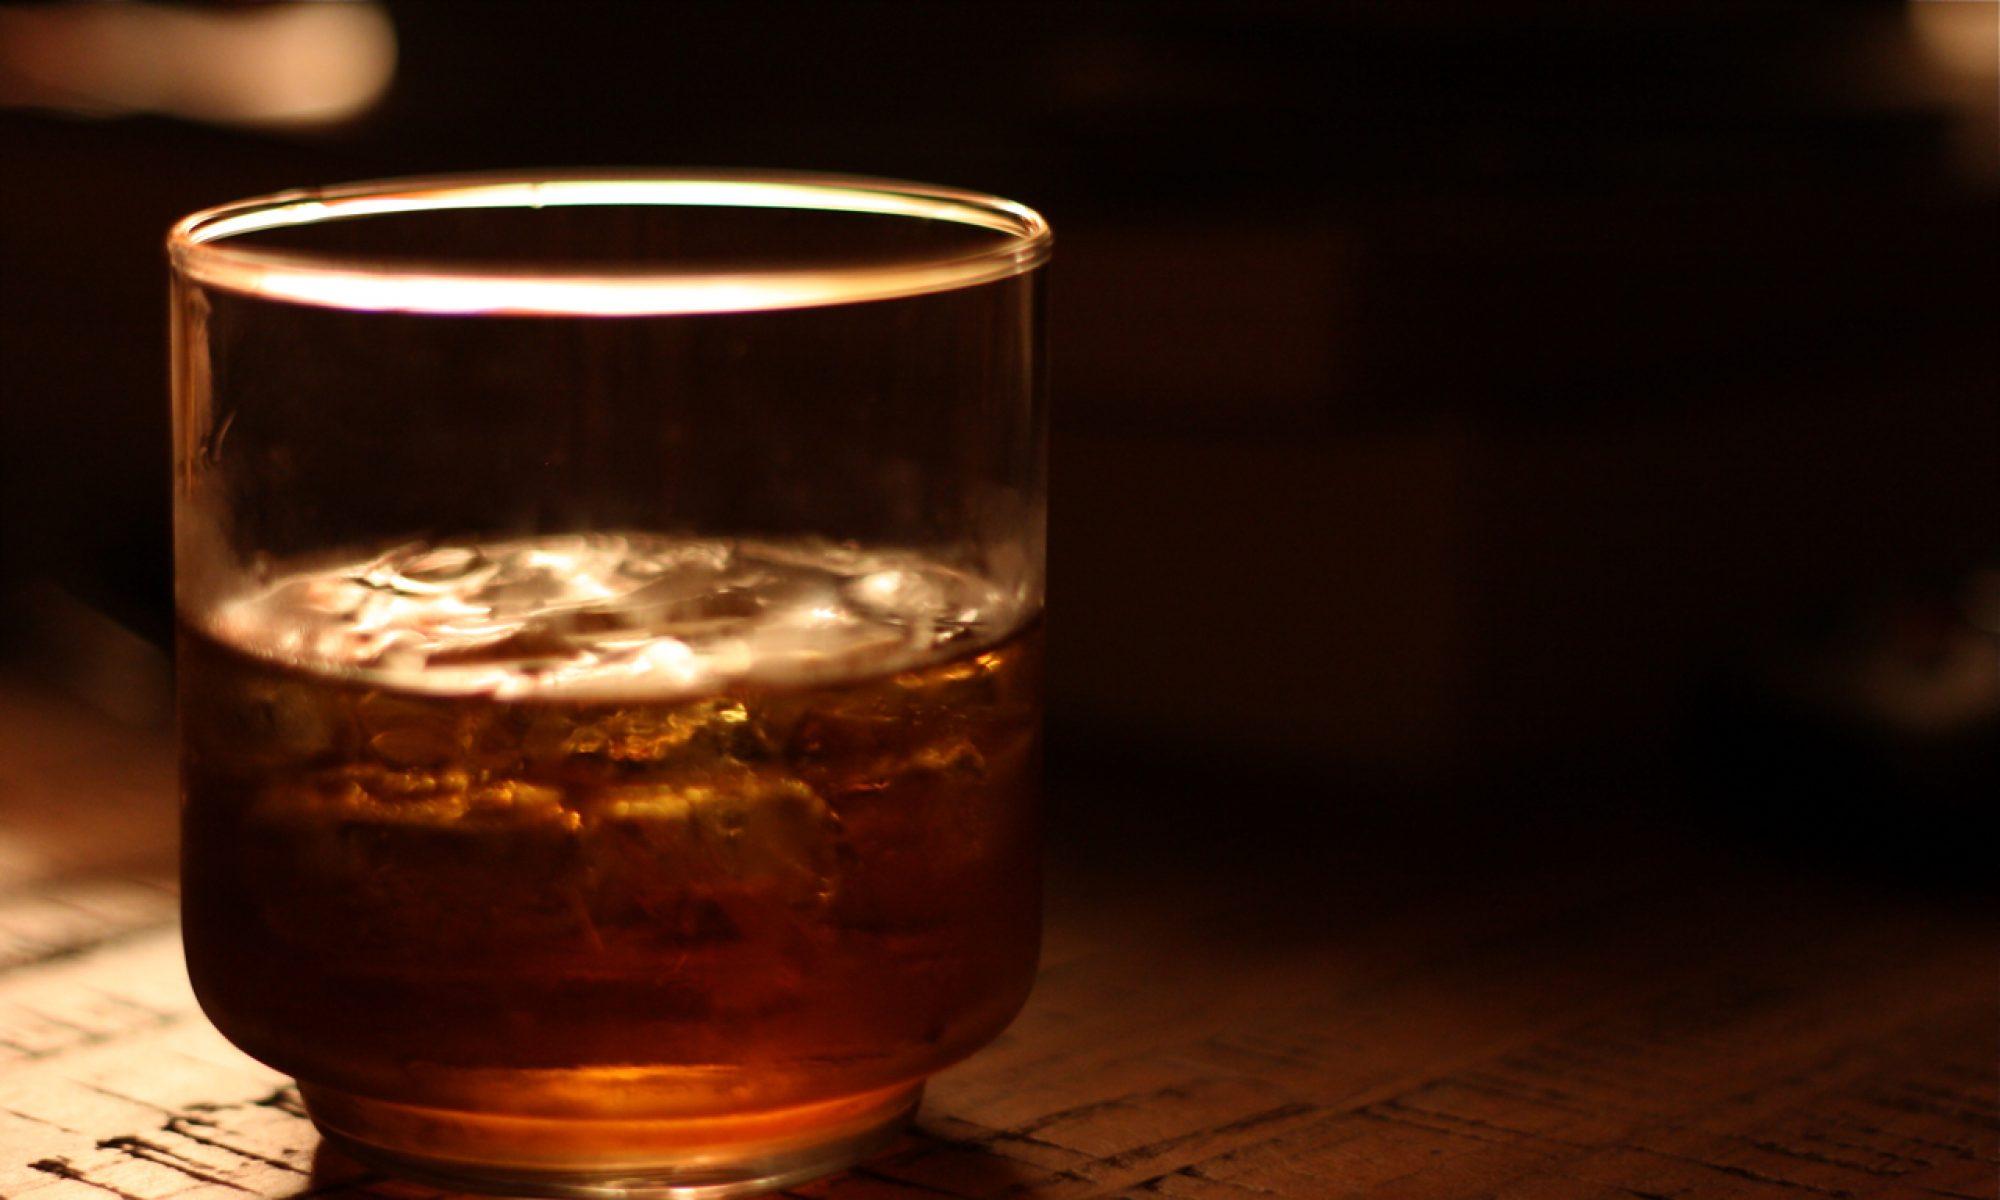 Through The Whiskey Glass